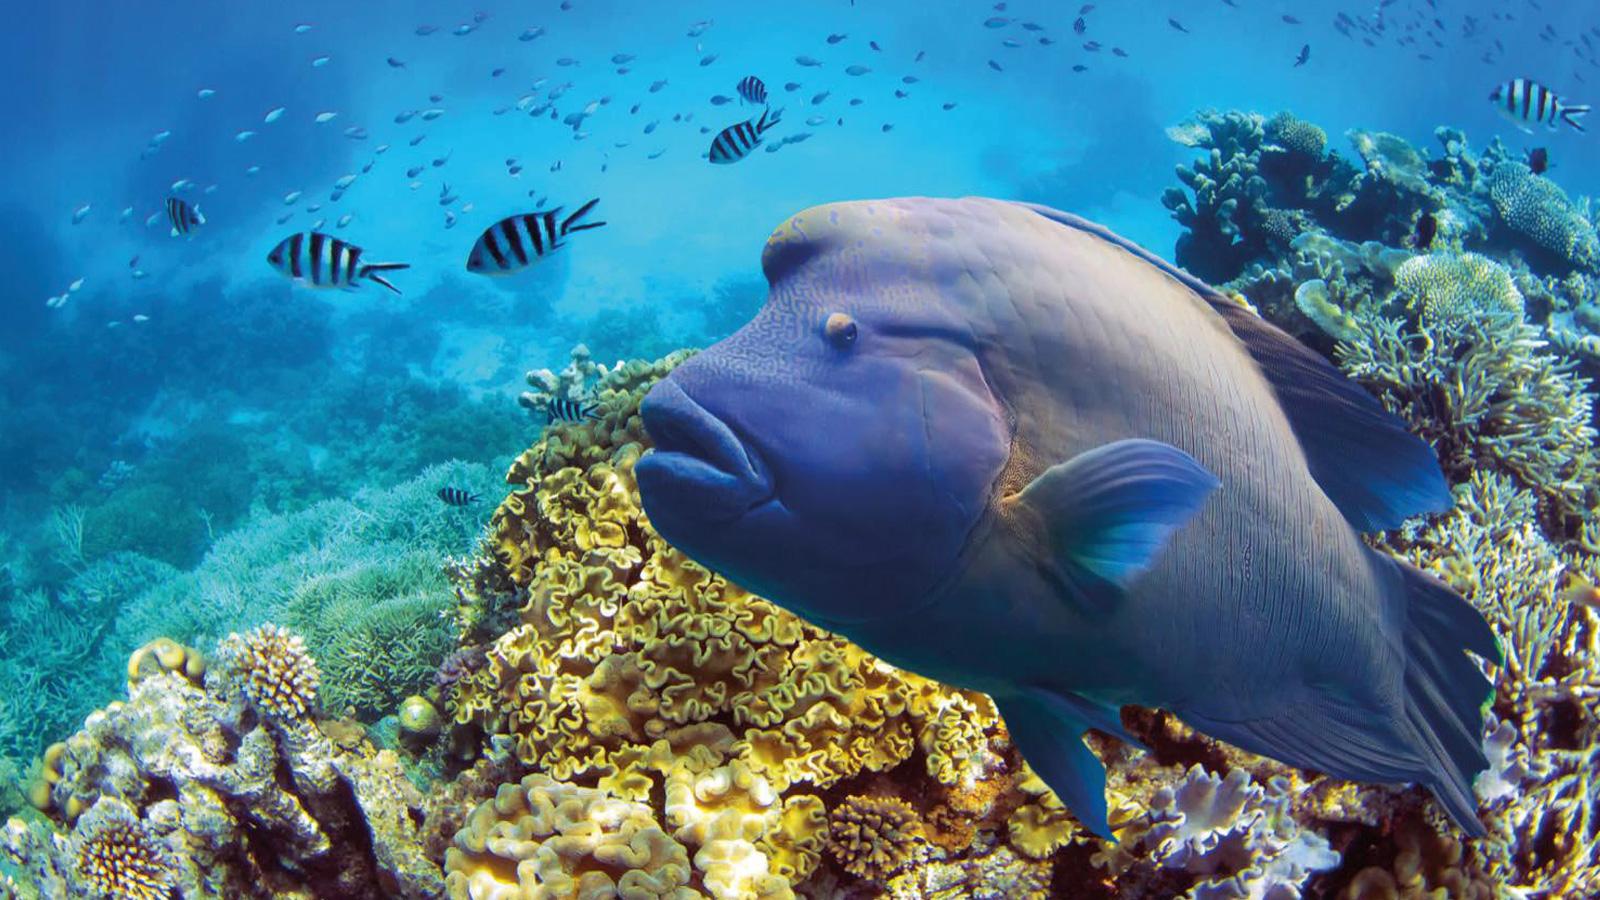 Great Barrier Reef Australien Reisen für junge Leute traveljunkies